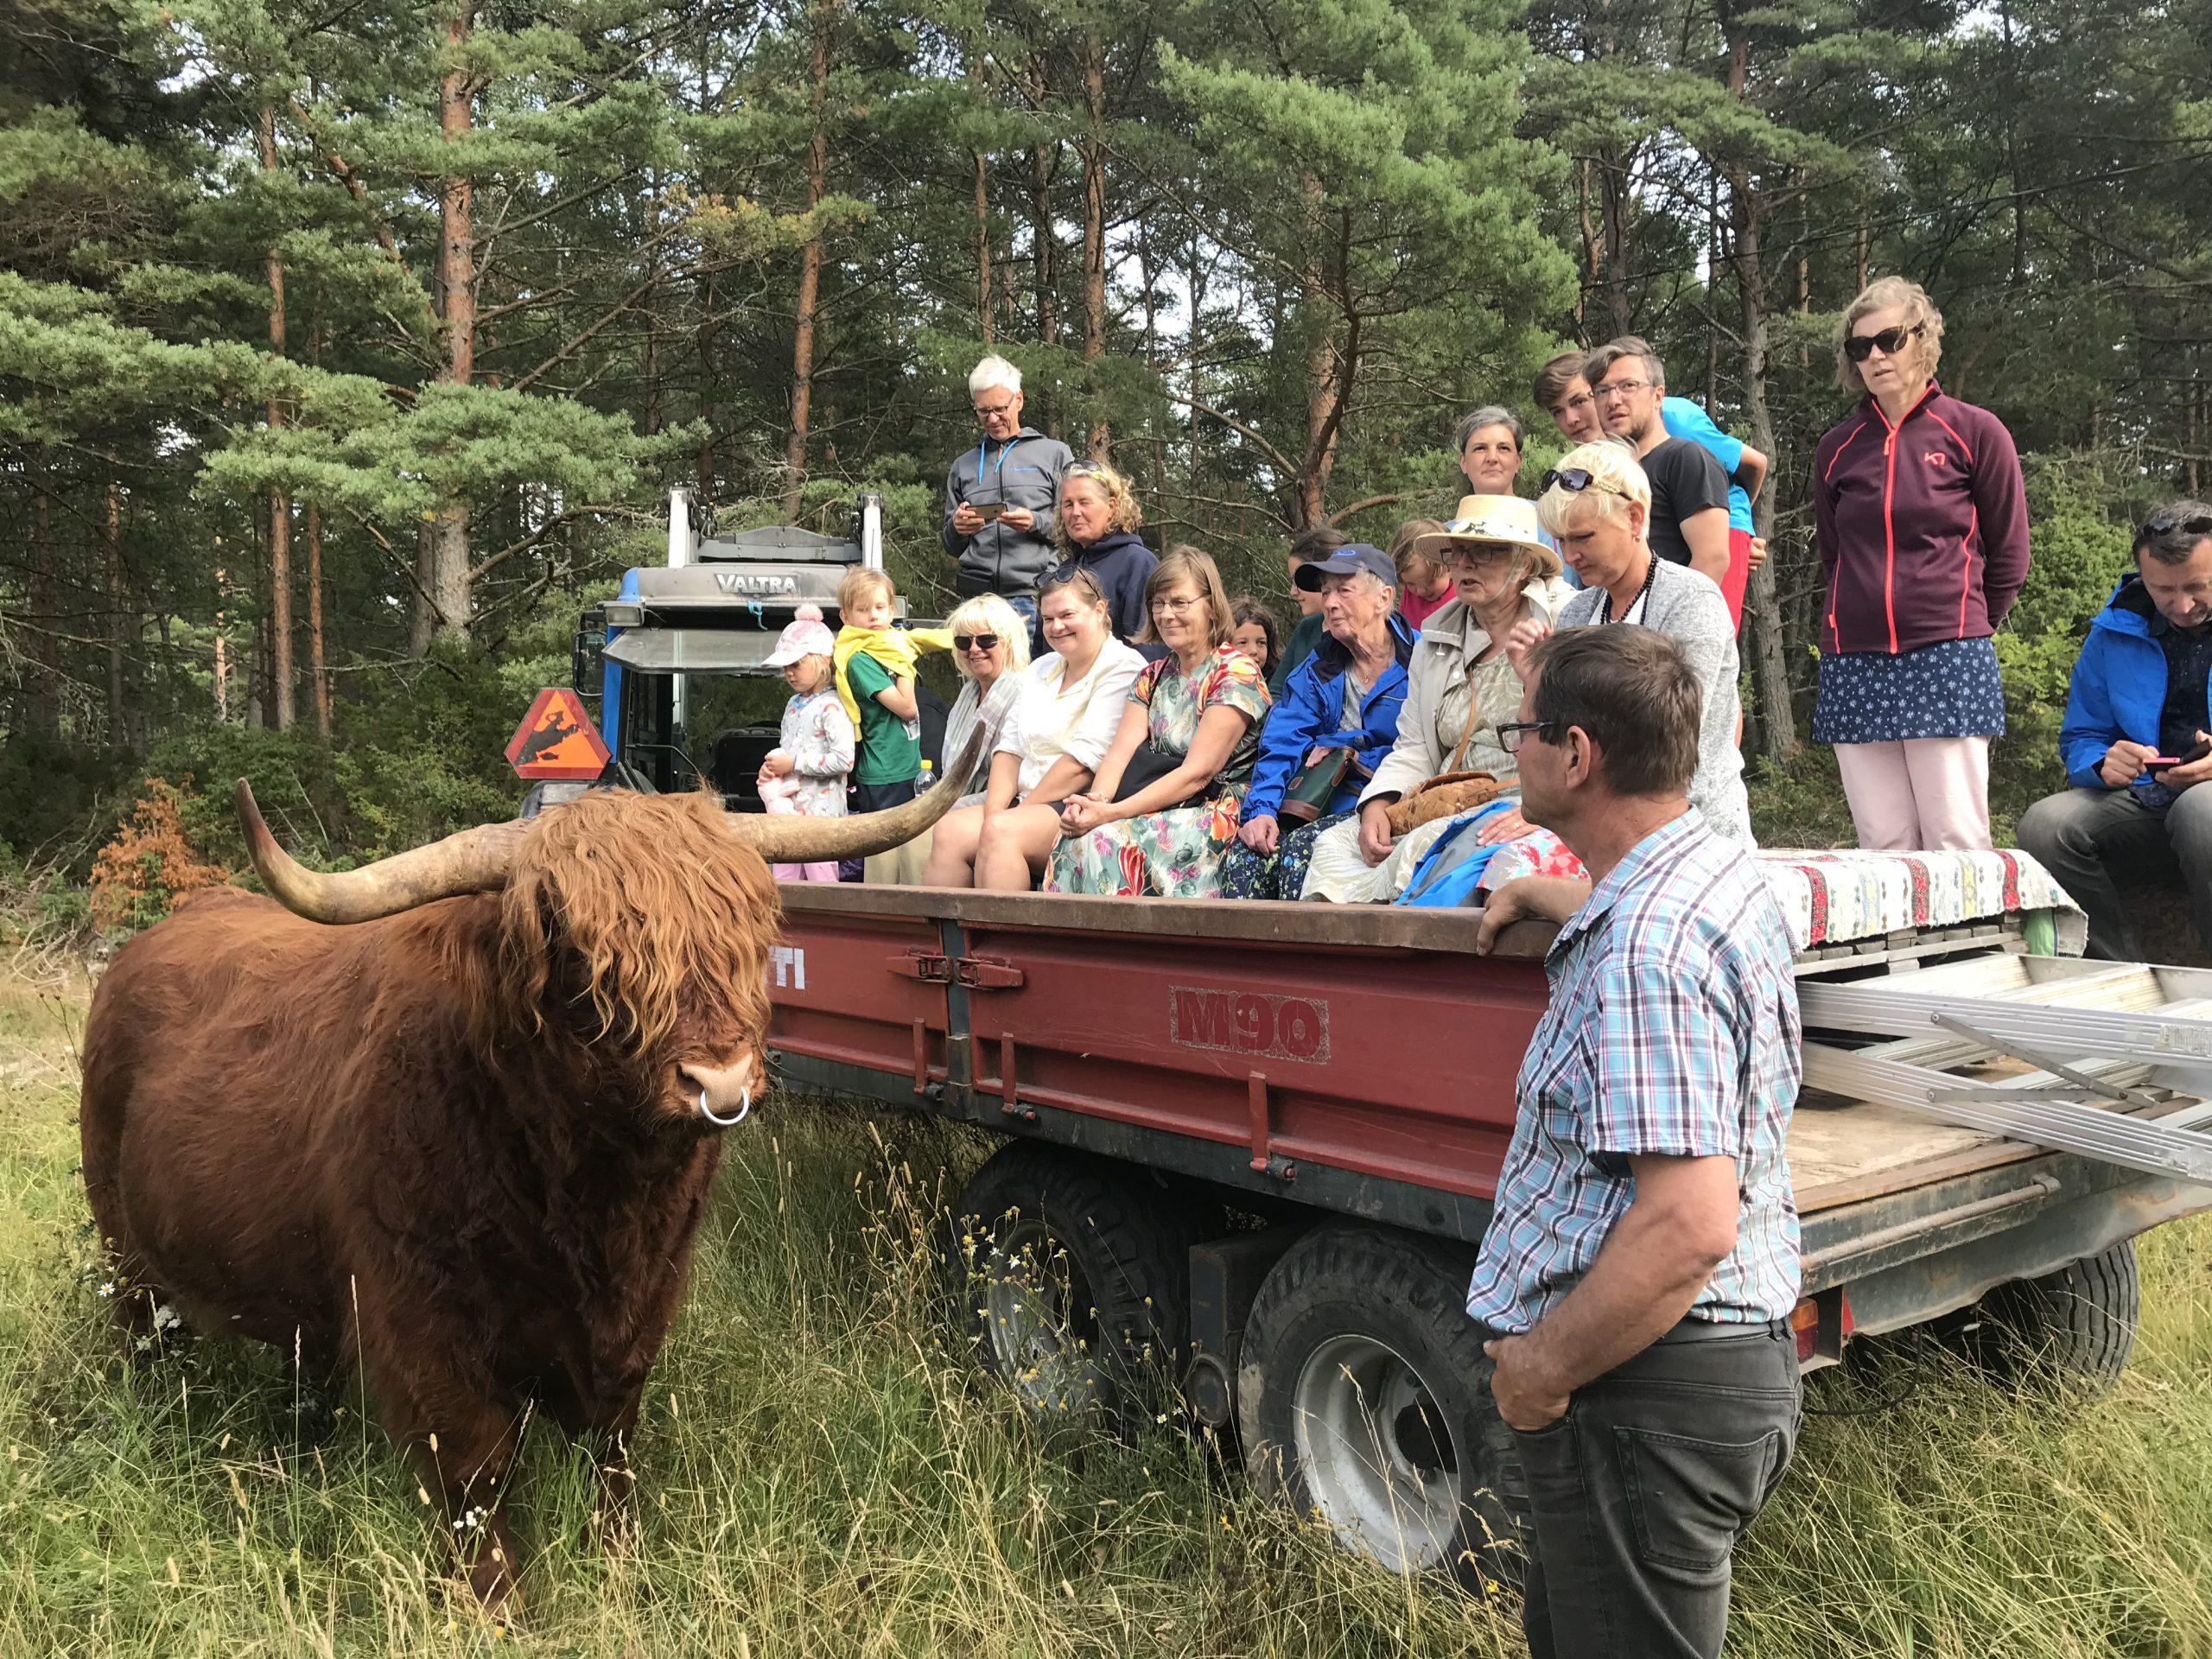 """21. Jurmo Highland Cattle<h5 style=""""margin-bottom: 0px; font-weight: 500; line-height: 18px;""""><span style=""""color: #fff;"""">Matservering och fika vid Kafé Kvarnen. Hälsa på djuren och åk en traktortur.</span></h5>"""